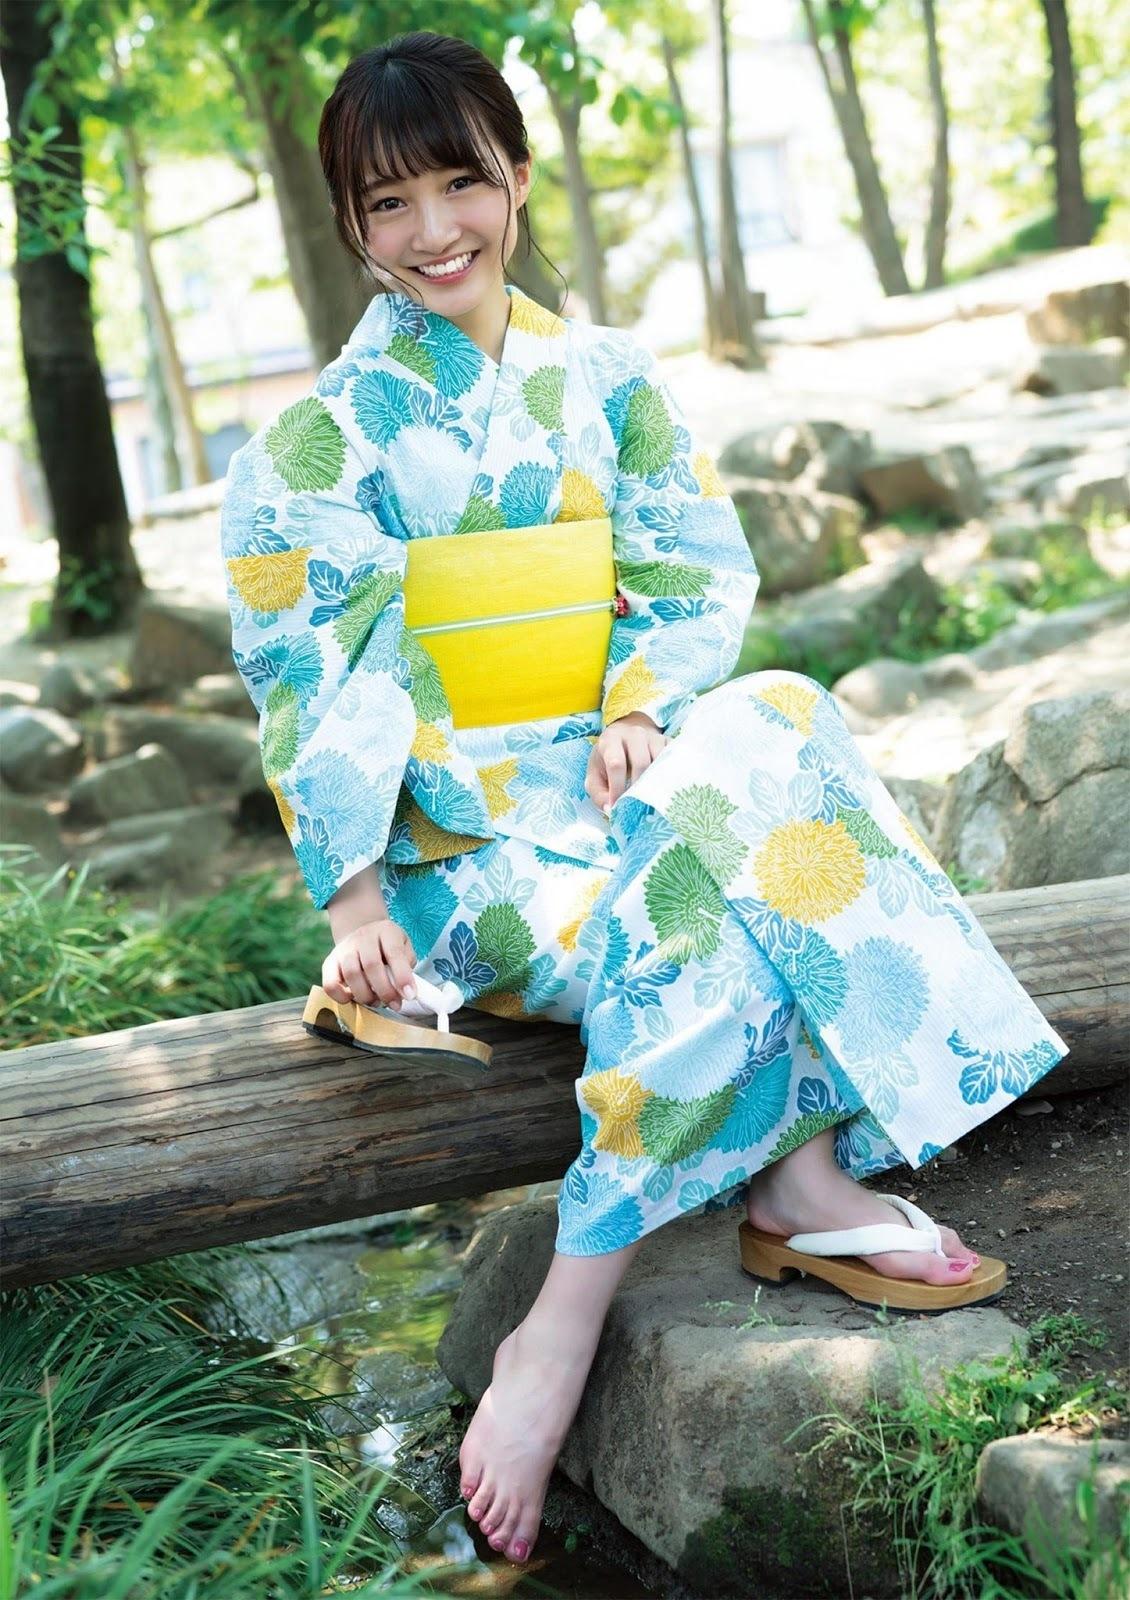 NMB48次世代王牌山本彩加引退转当护理师超暖原因让人更爱她了 网络美女 第36张